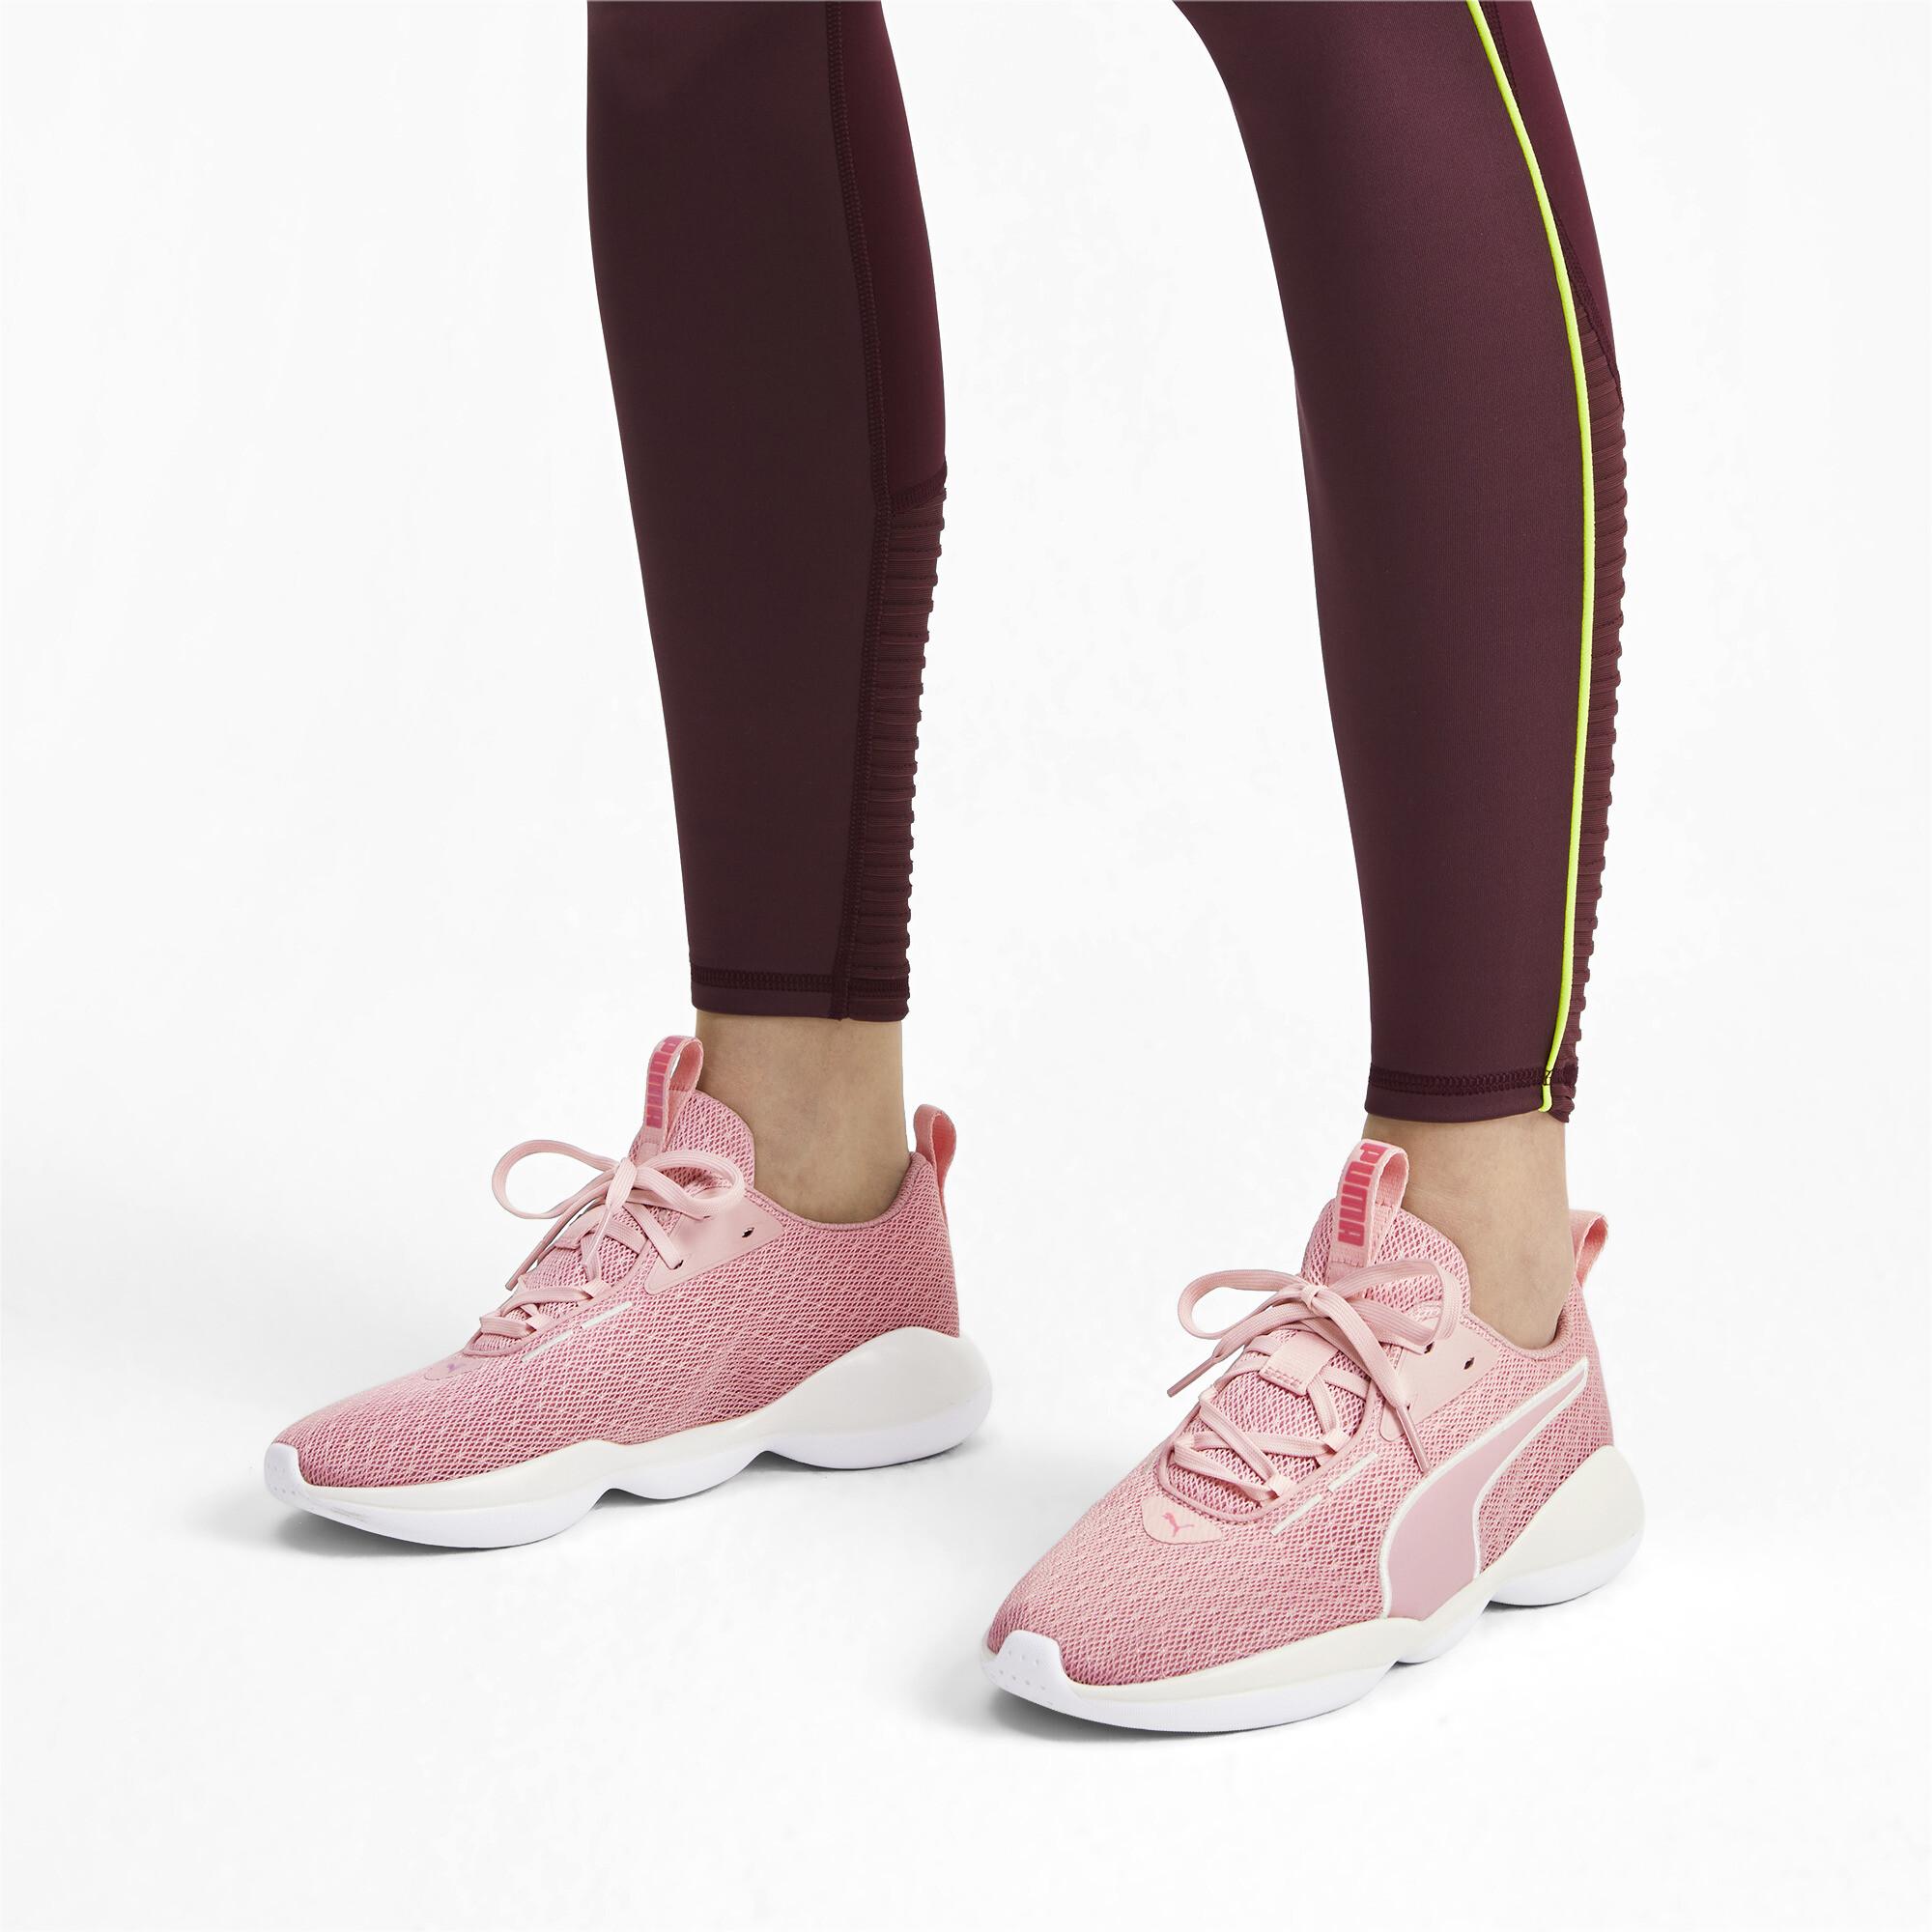 PUMA-Flourish-FS-Women-039-s-Training-Shoes-Women-Shoe-Training thumbnail 12